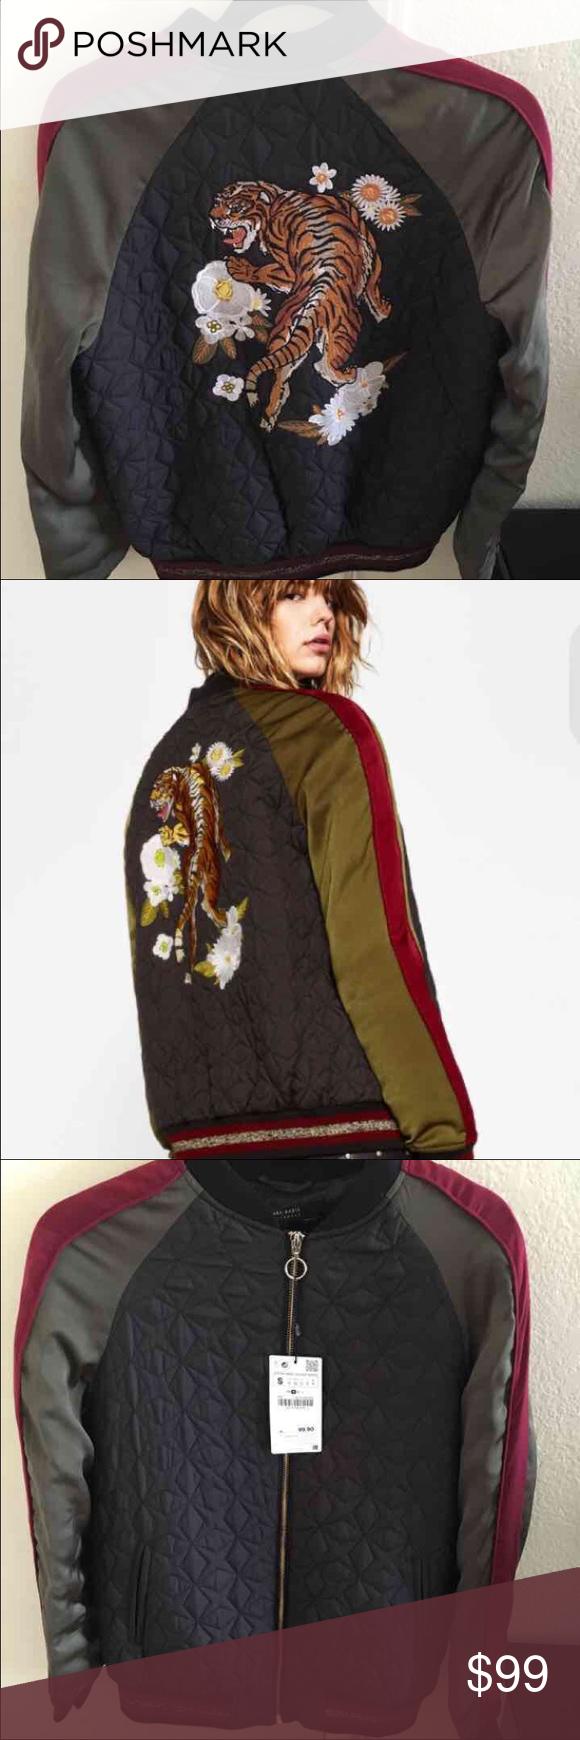 37abf8503199 Zara tiger bomber jacket Size small, new with tags!! Zara Jackets & Coats